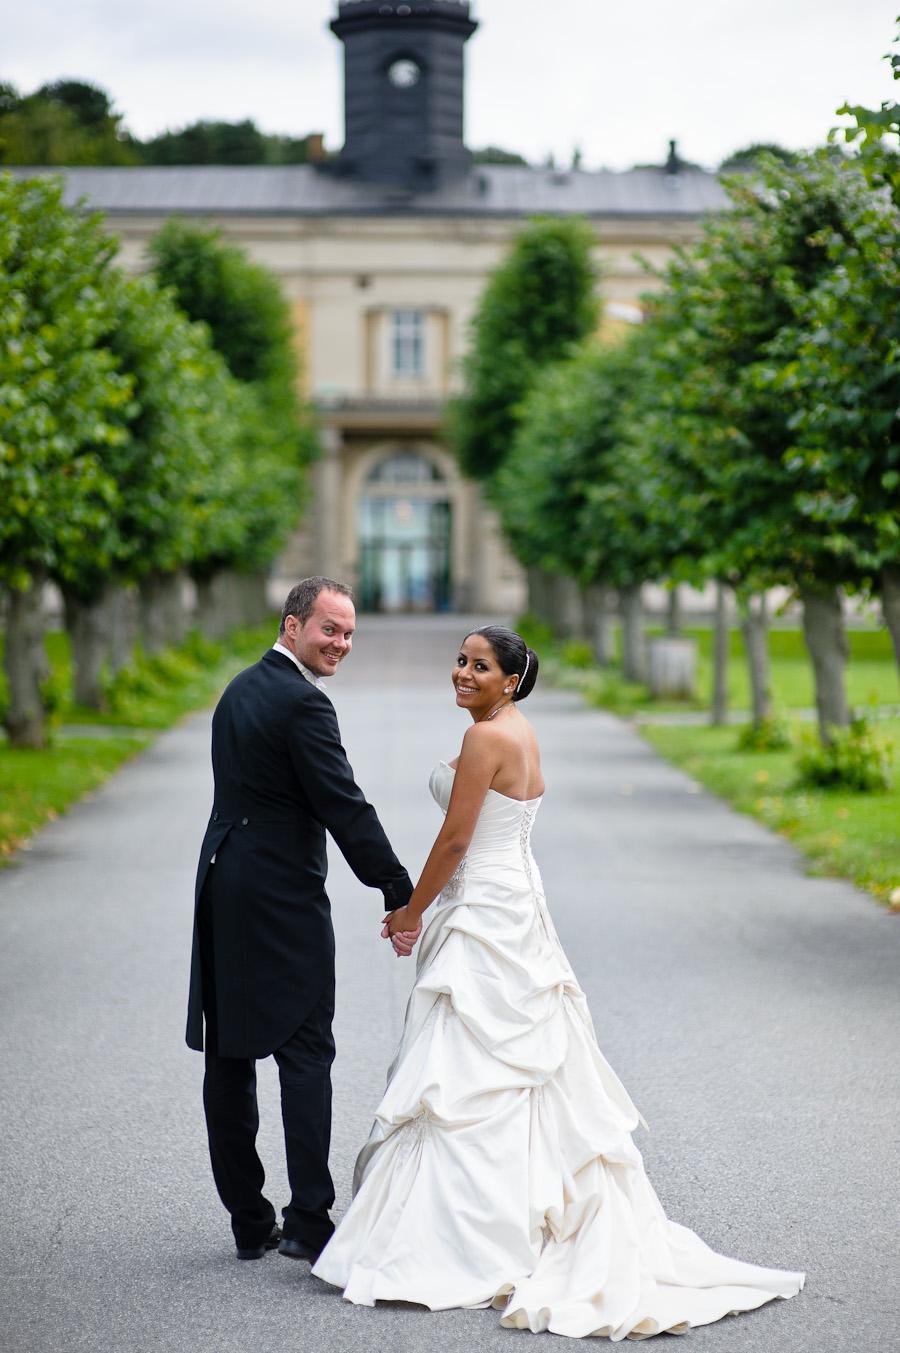 Bröllop Nya Varvet, Långedrag, Göteborg